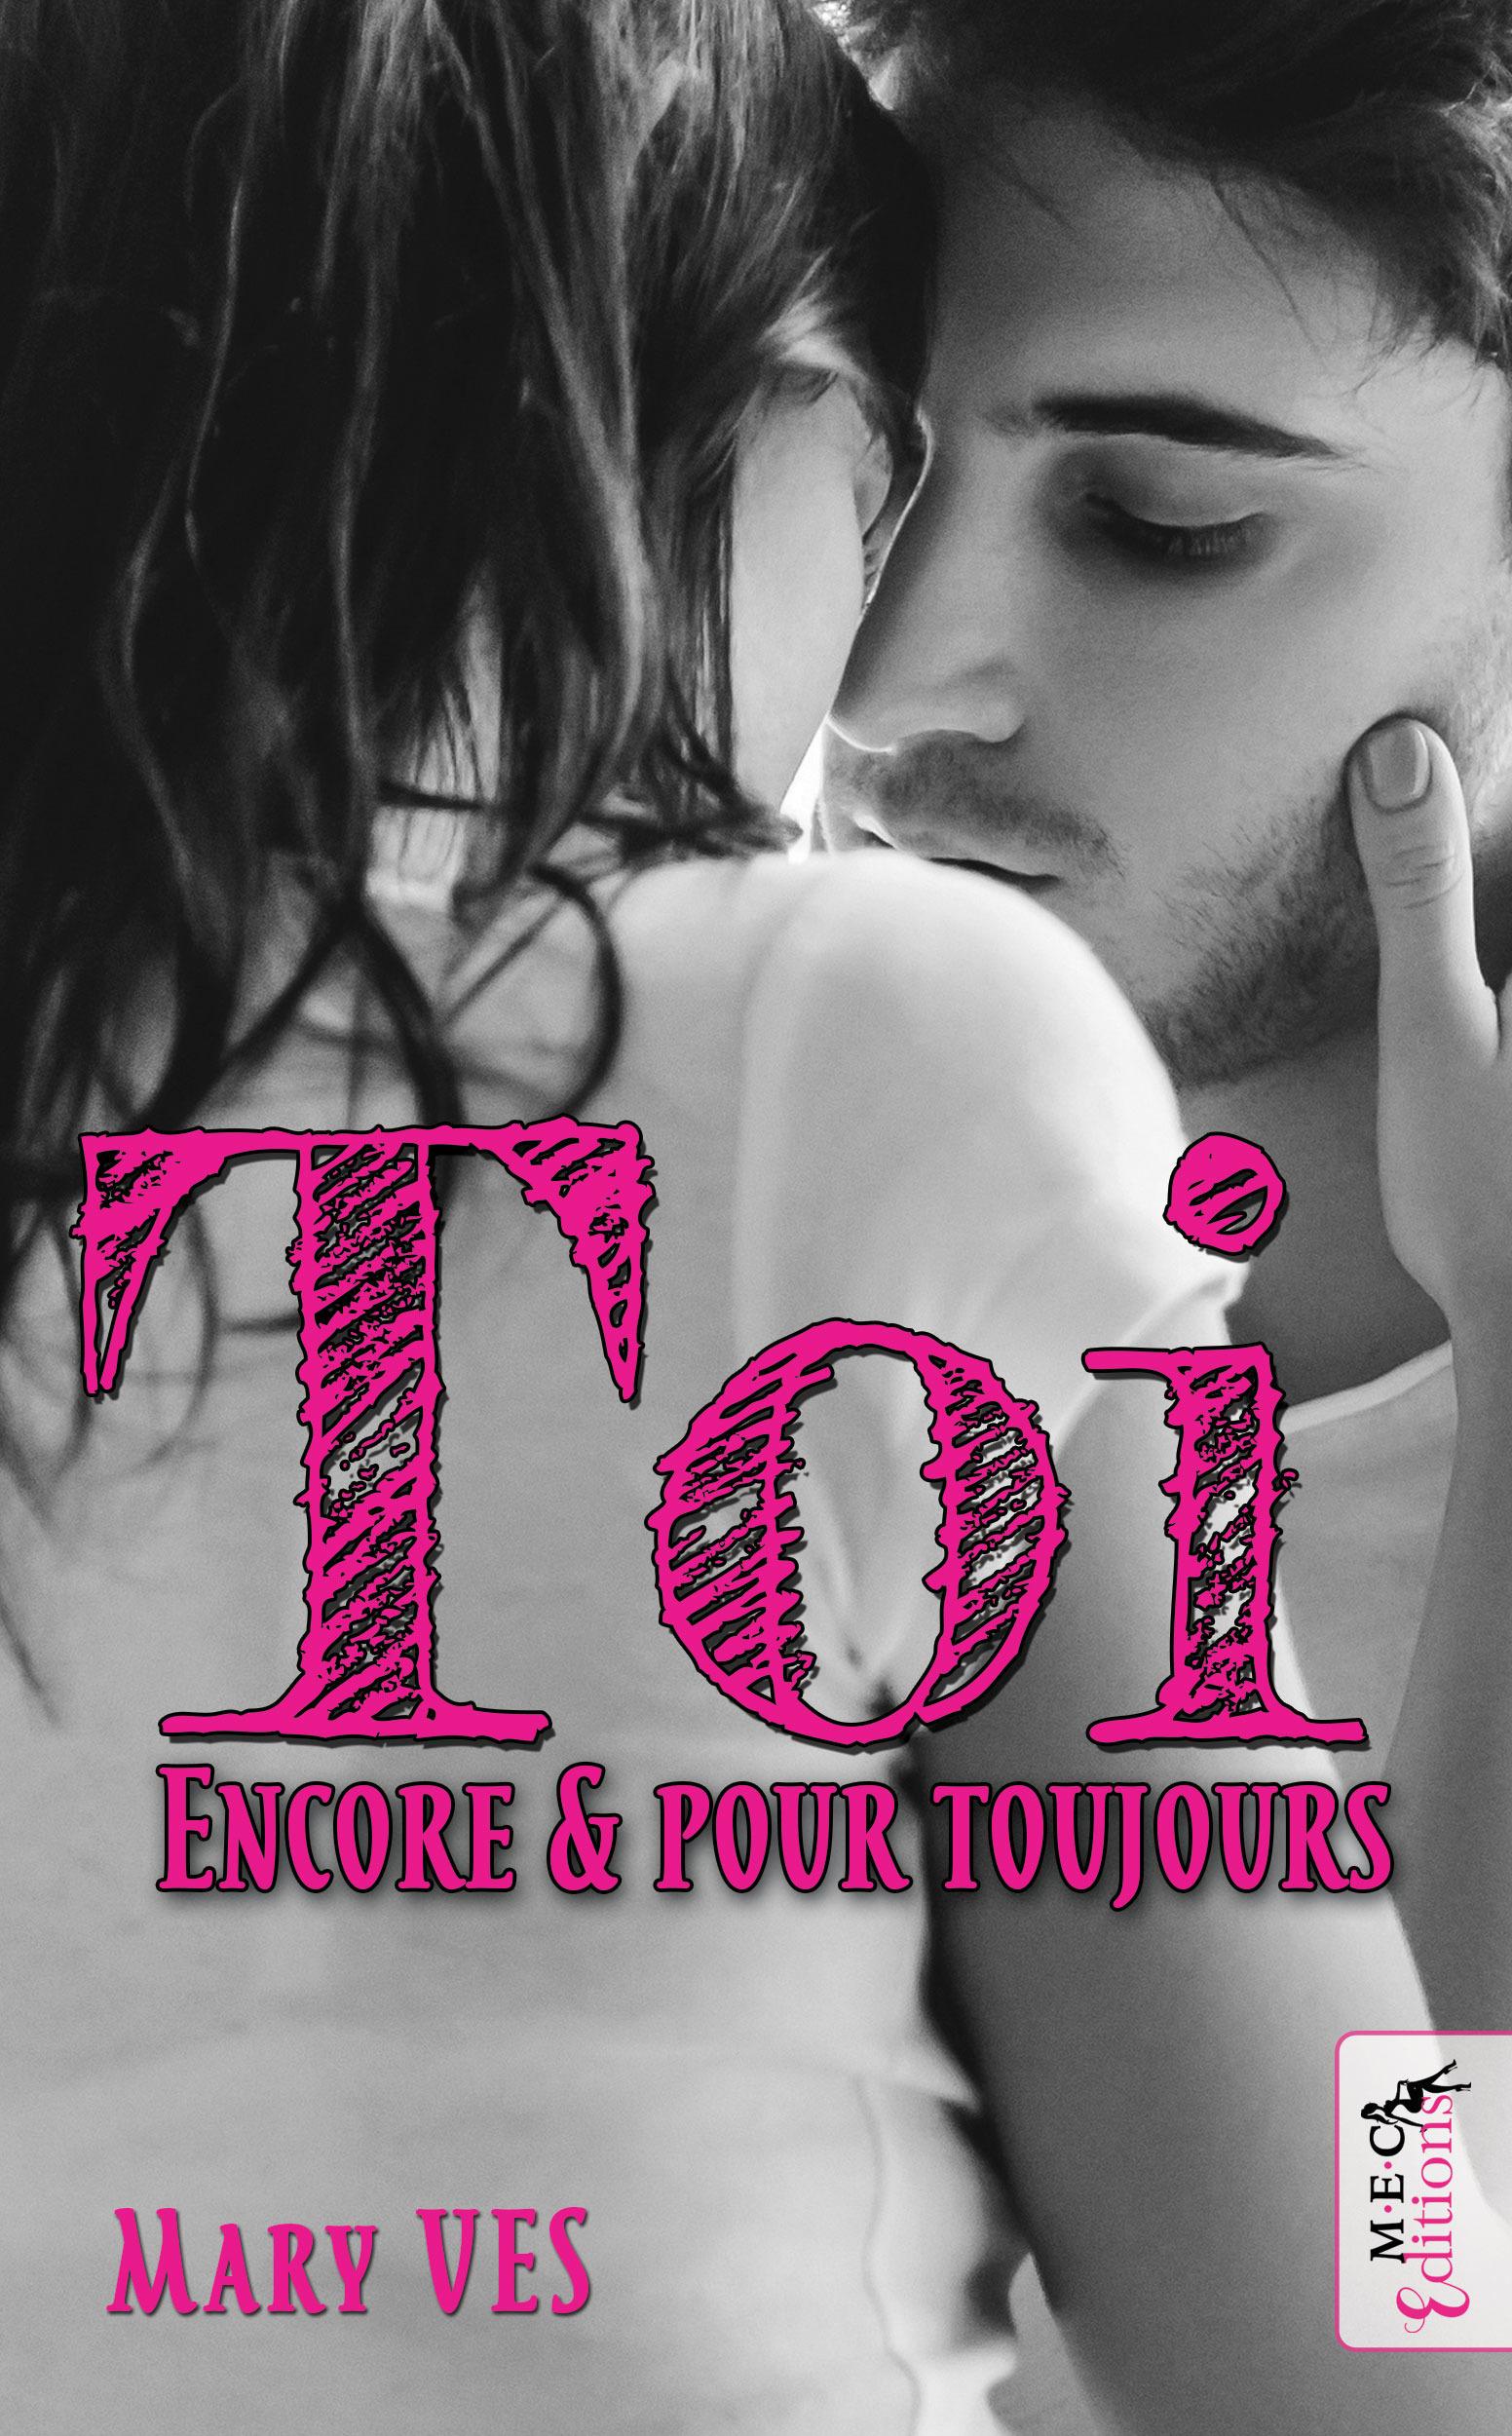 TOI, ENCORE & POUR TOUJOURS